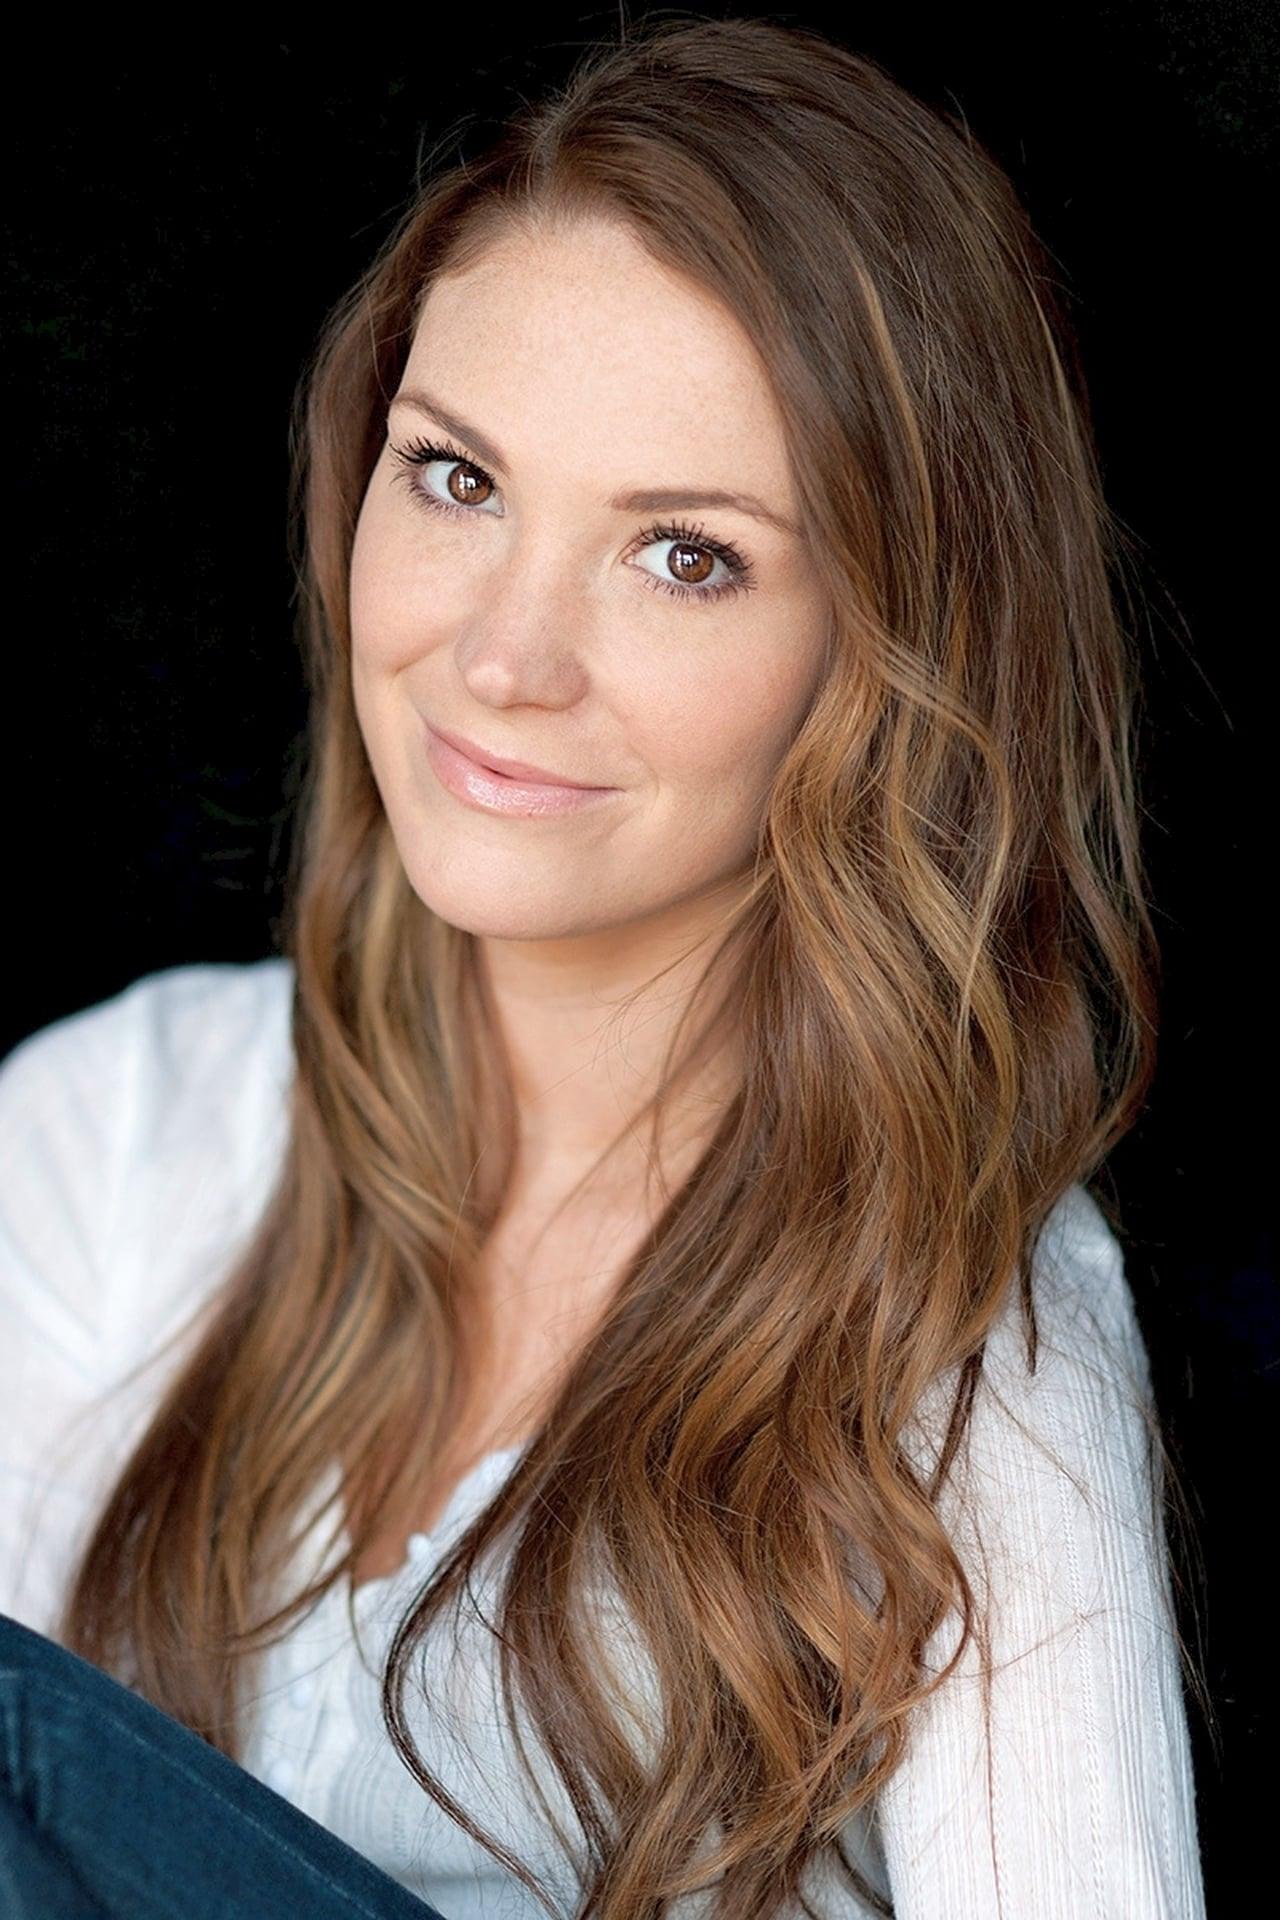 Brittany Drisdelle